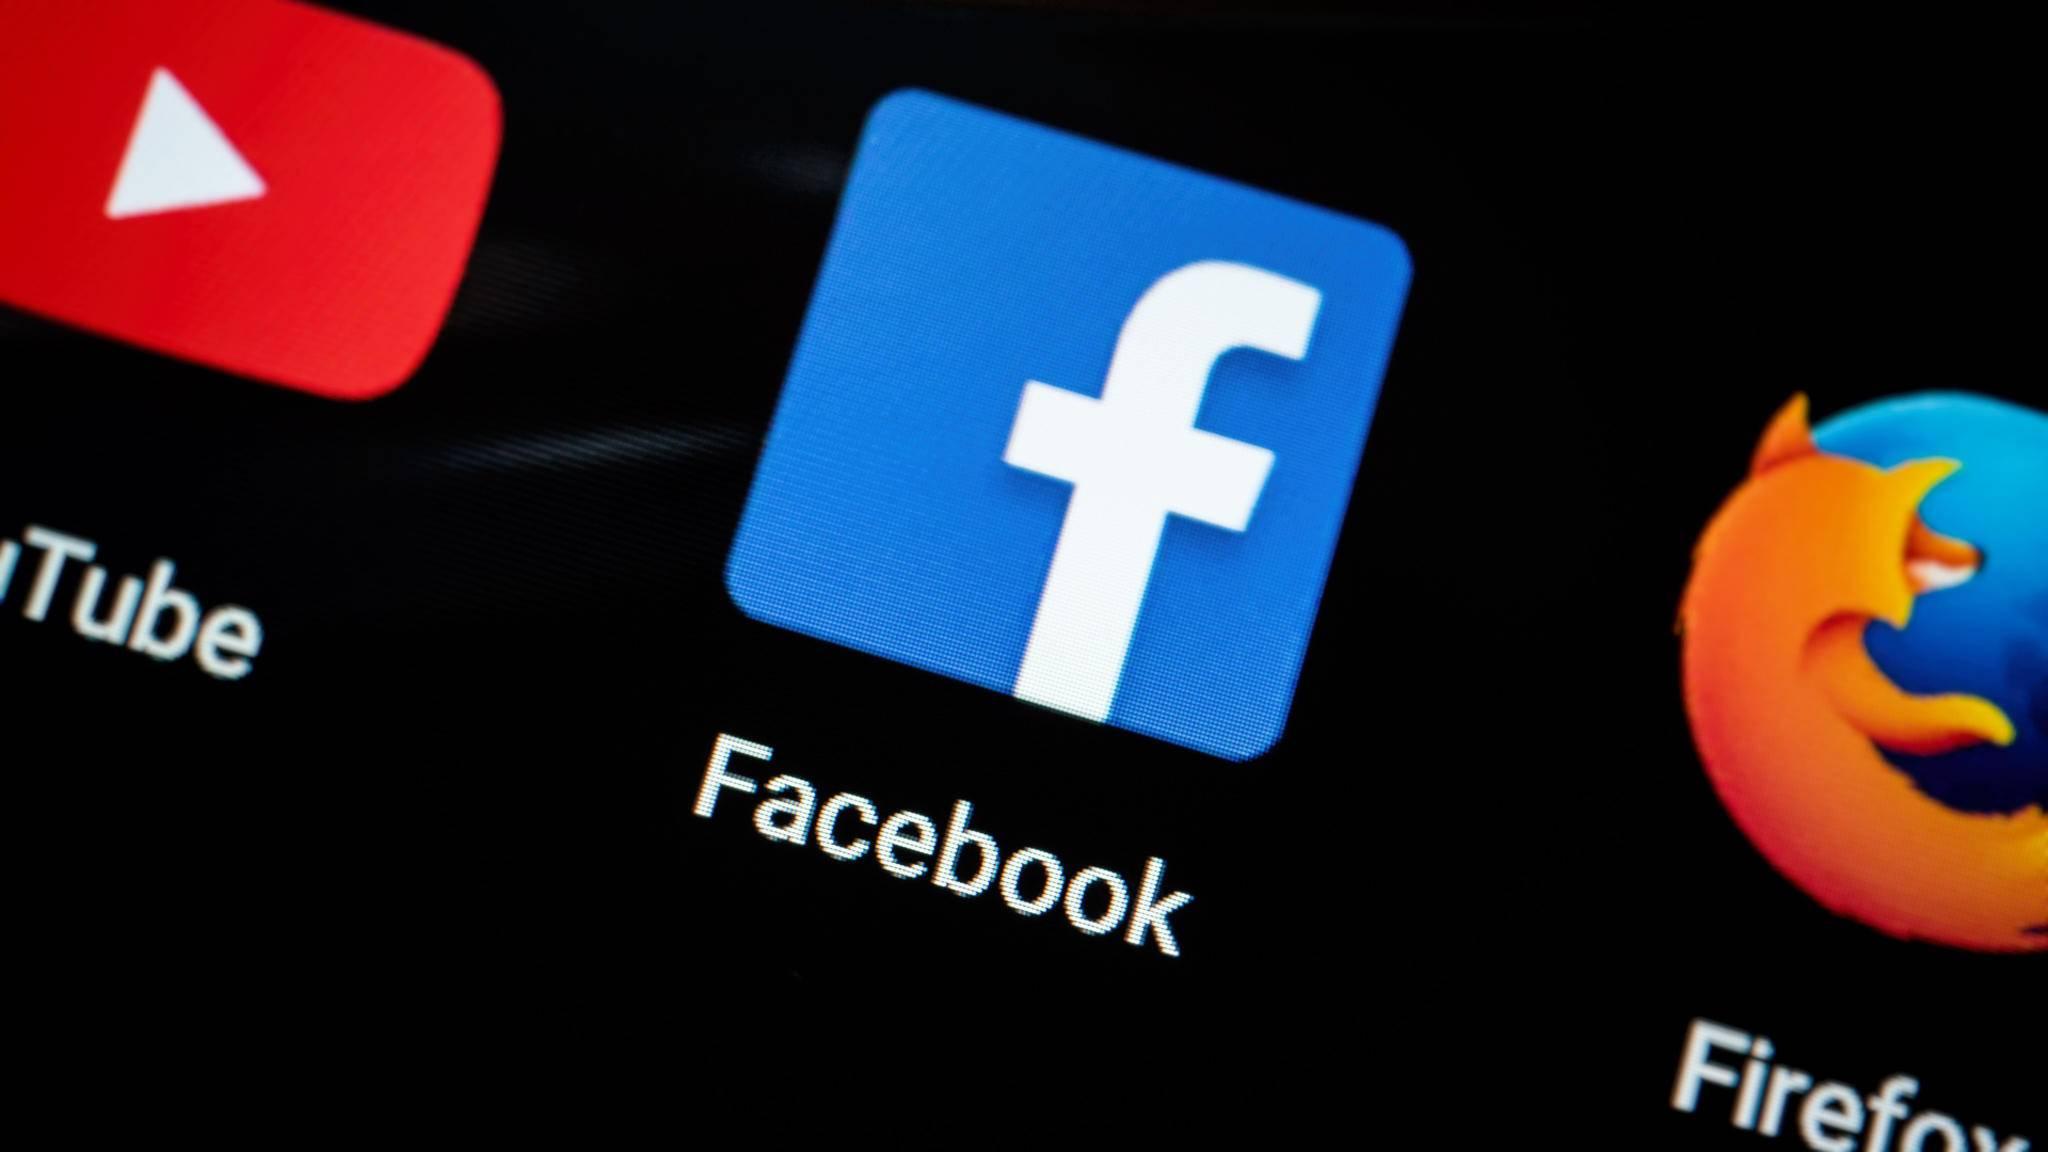 Die Facebook-App hilft beim Finden von freien WLAN-Netzen.